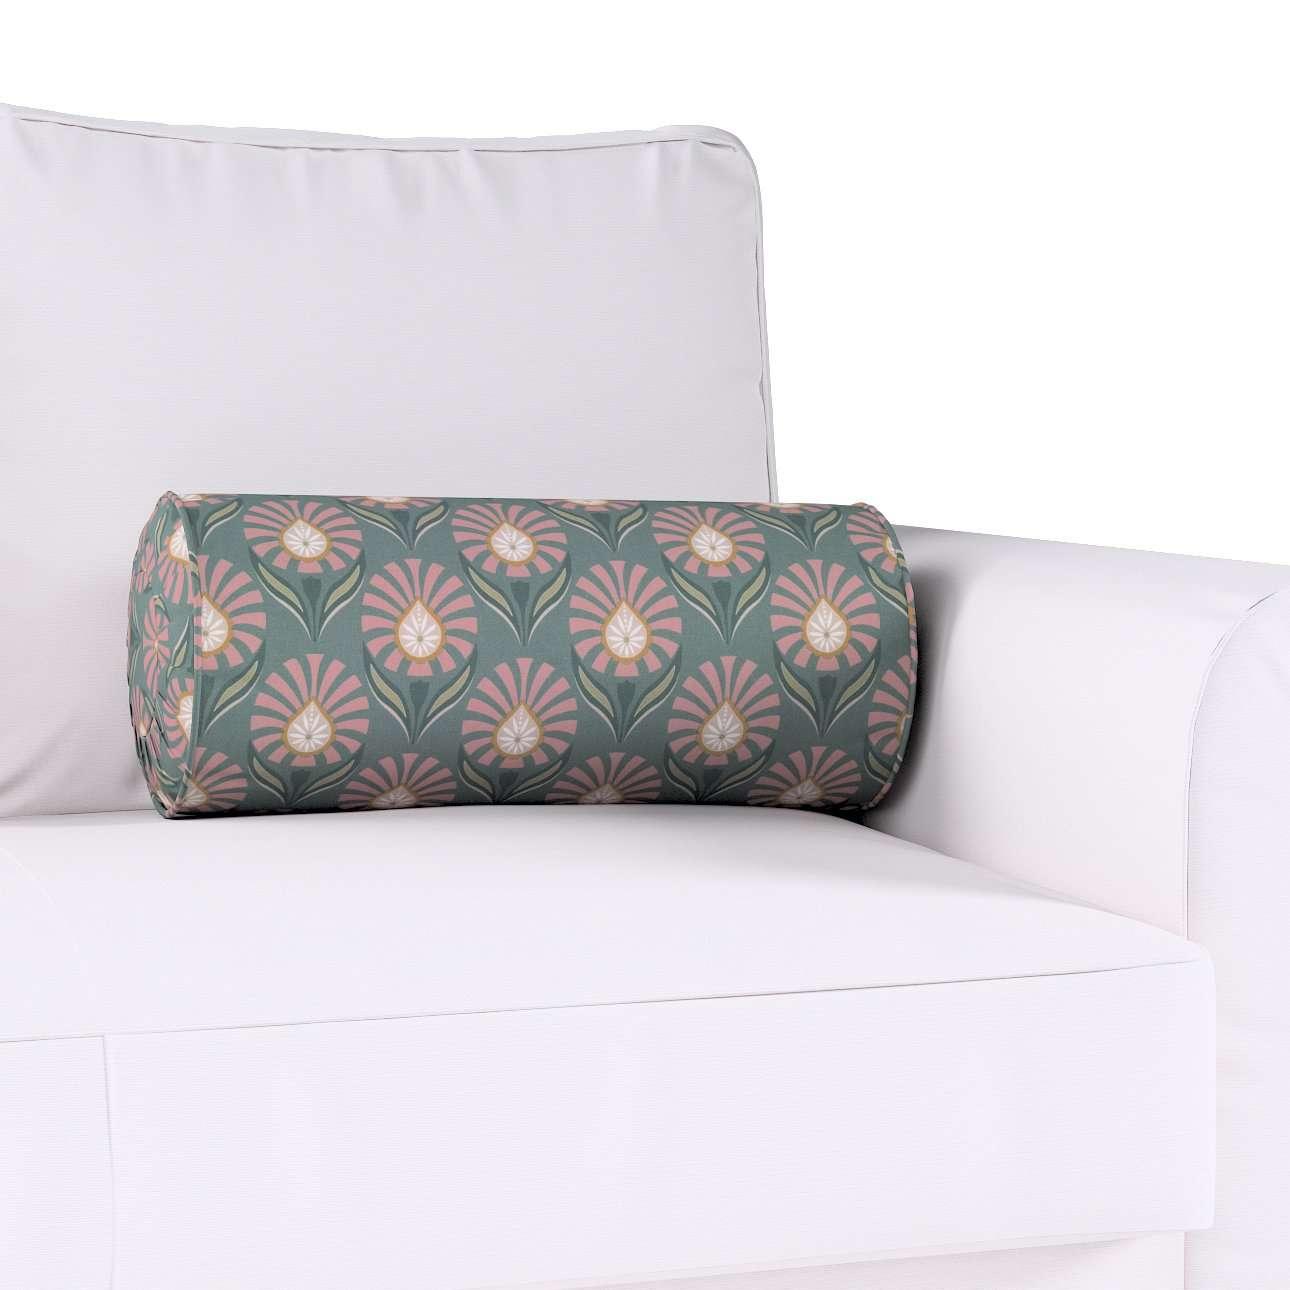 Poduszka wałek z zakładkami w kolekcji Gardenia, tkanina: 142-17